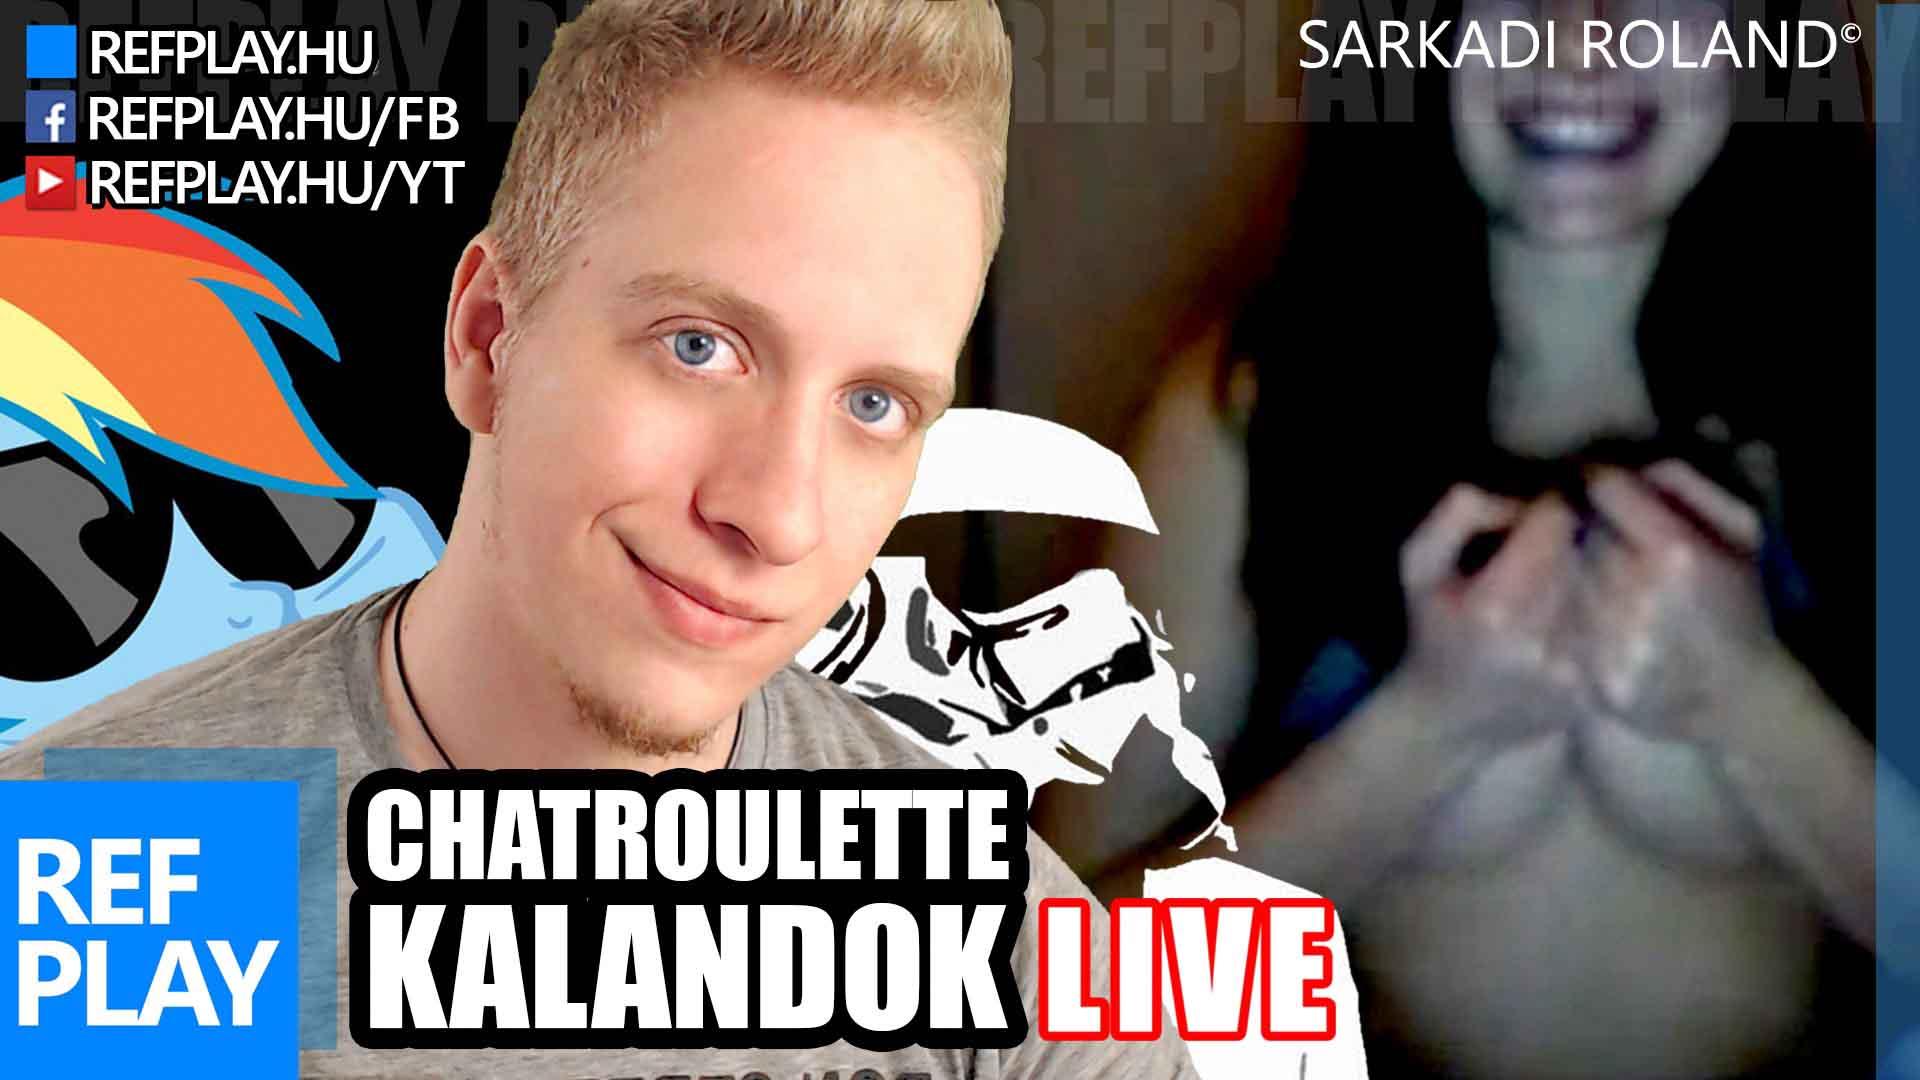 MELLESLEG-egy-kis-live-CHATROULETTE-KALANDOK-REFPLAY